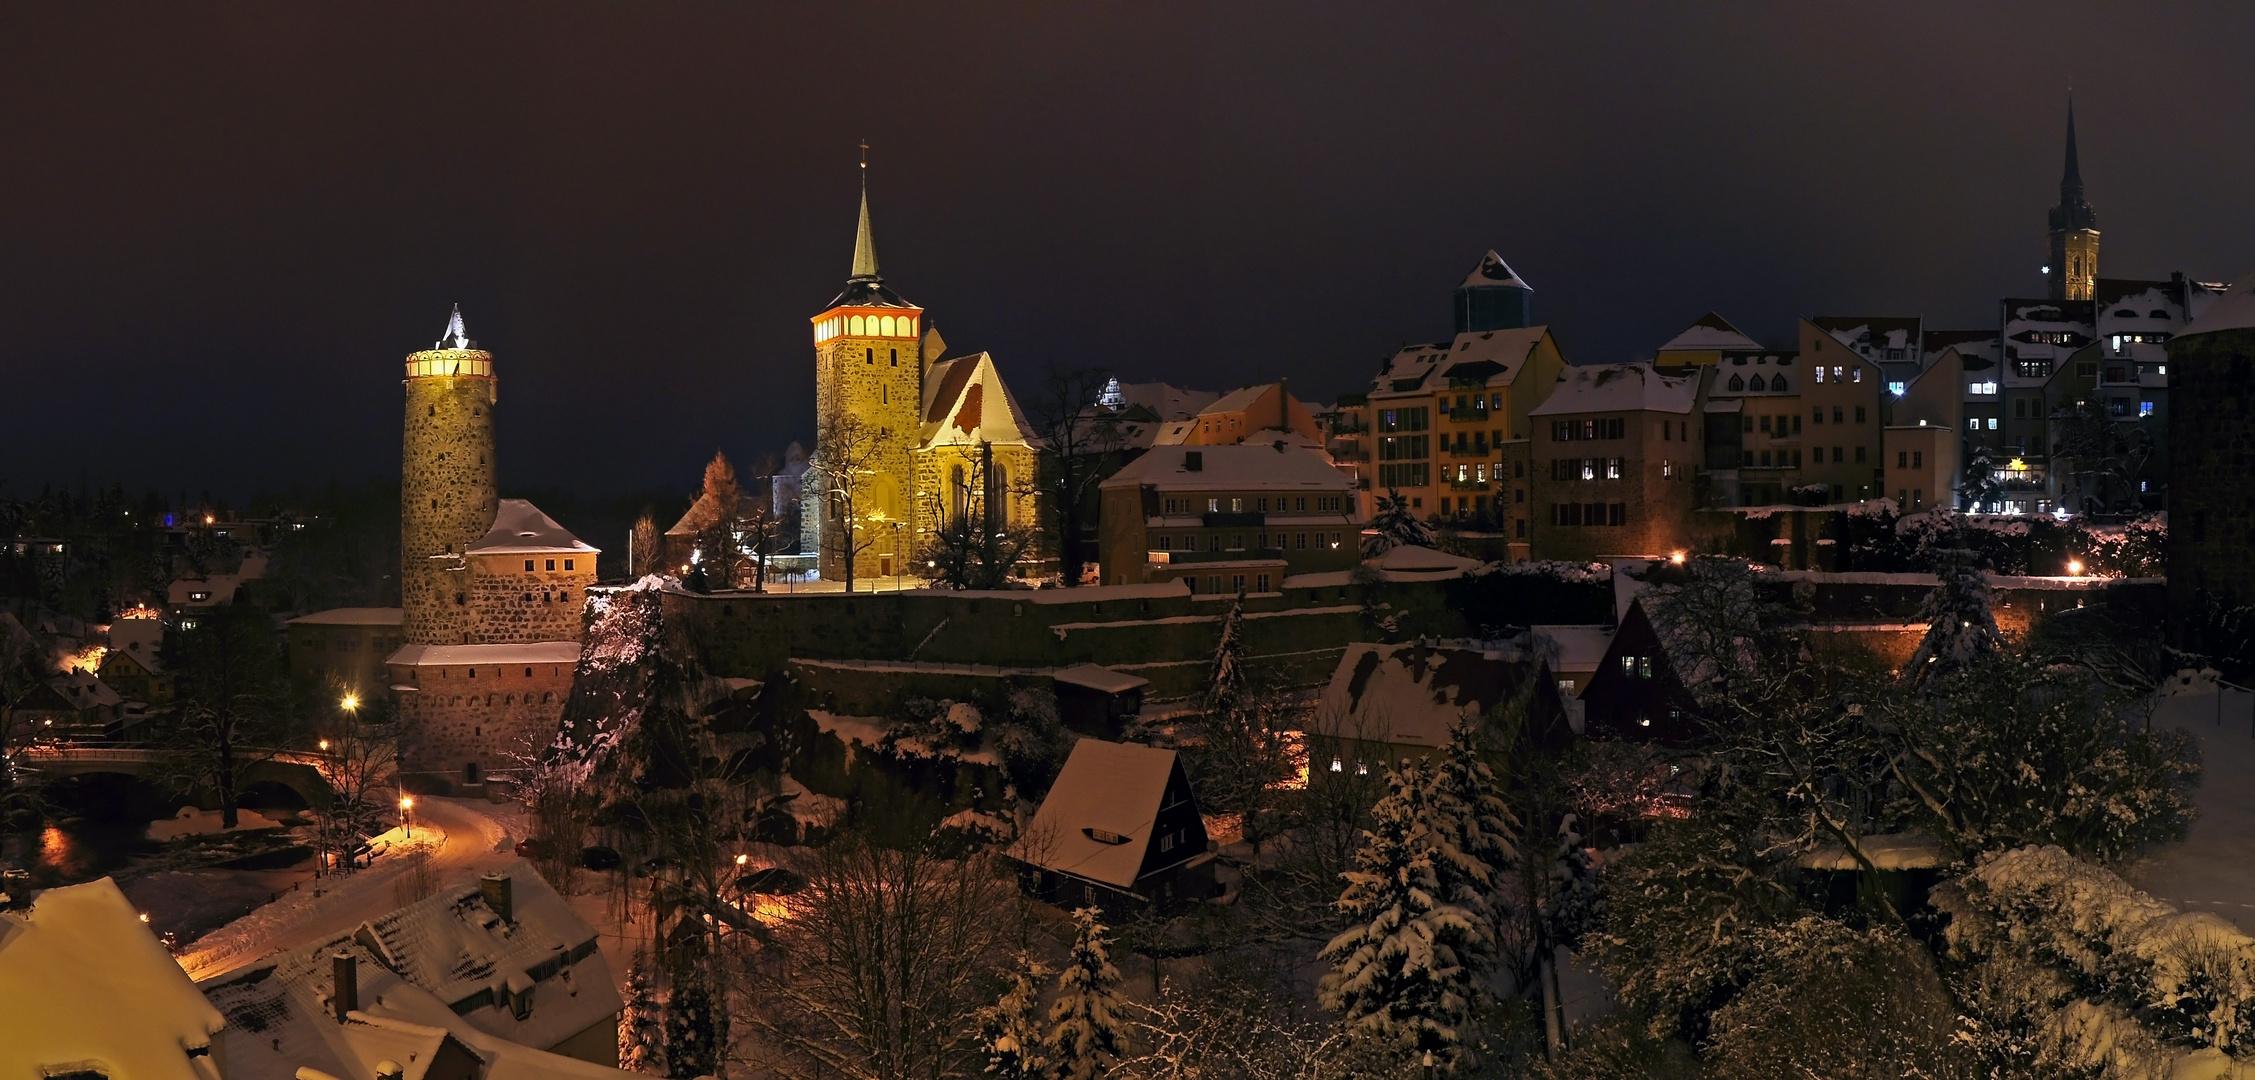 Bautzen Altstadtansicht im Winter bei Nacht